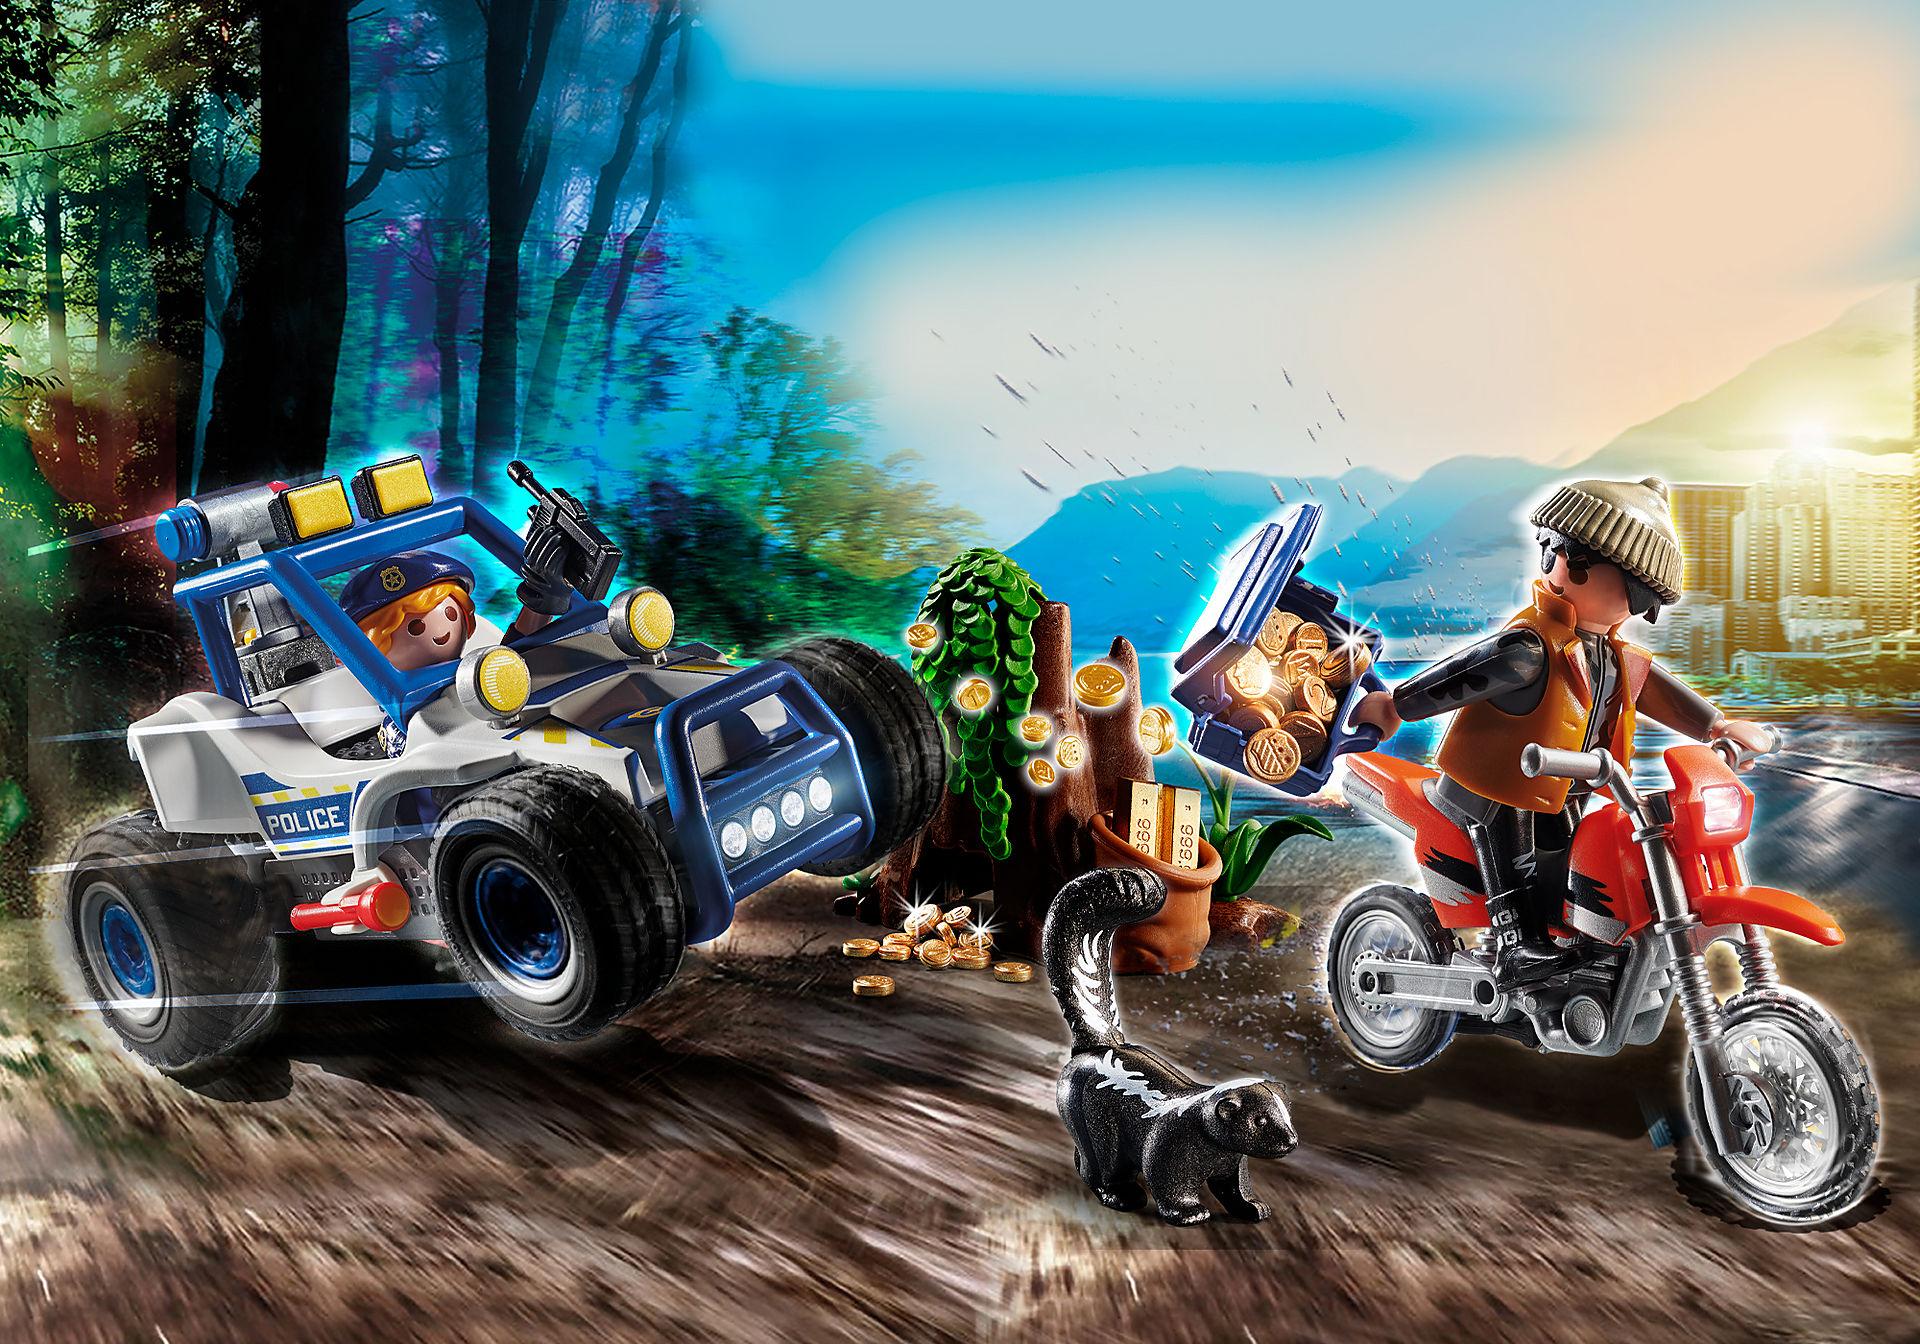 70570 Rendőrségi off-road jármű: Ékszertolvaj nyomában zoom image1